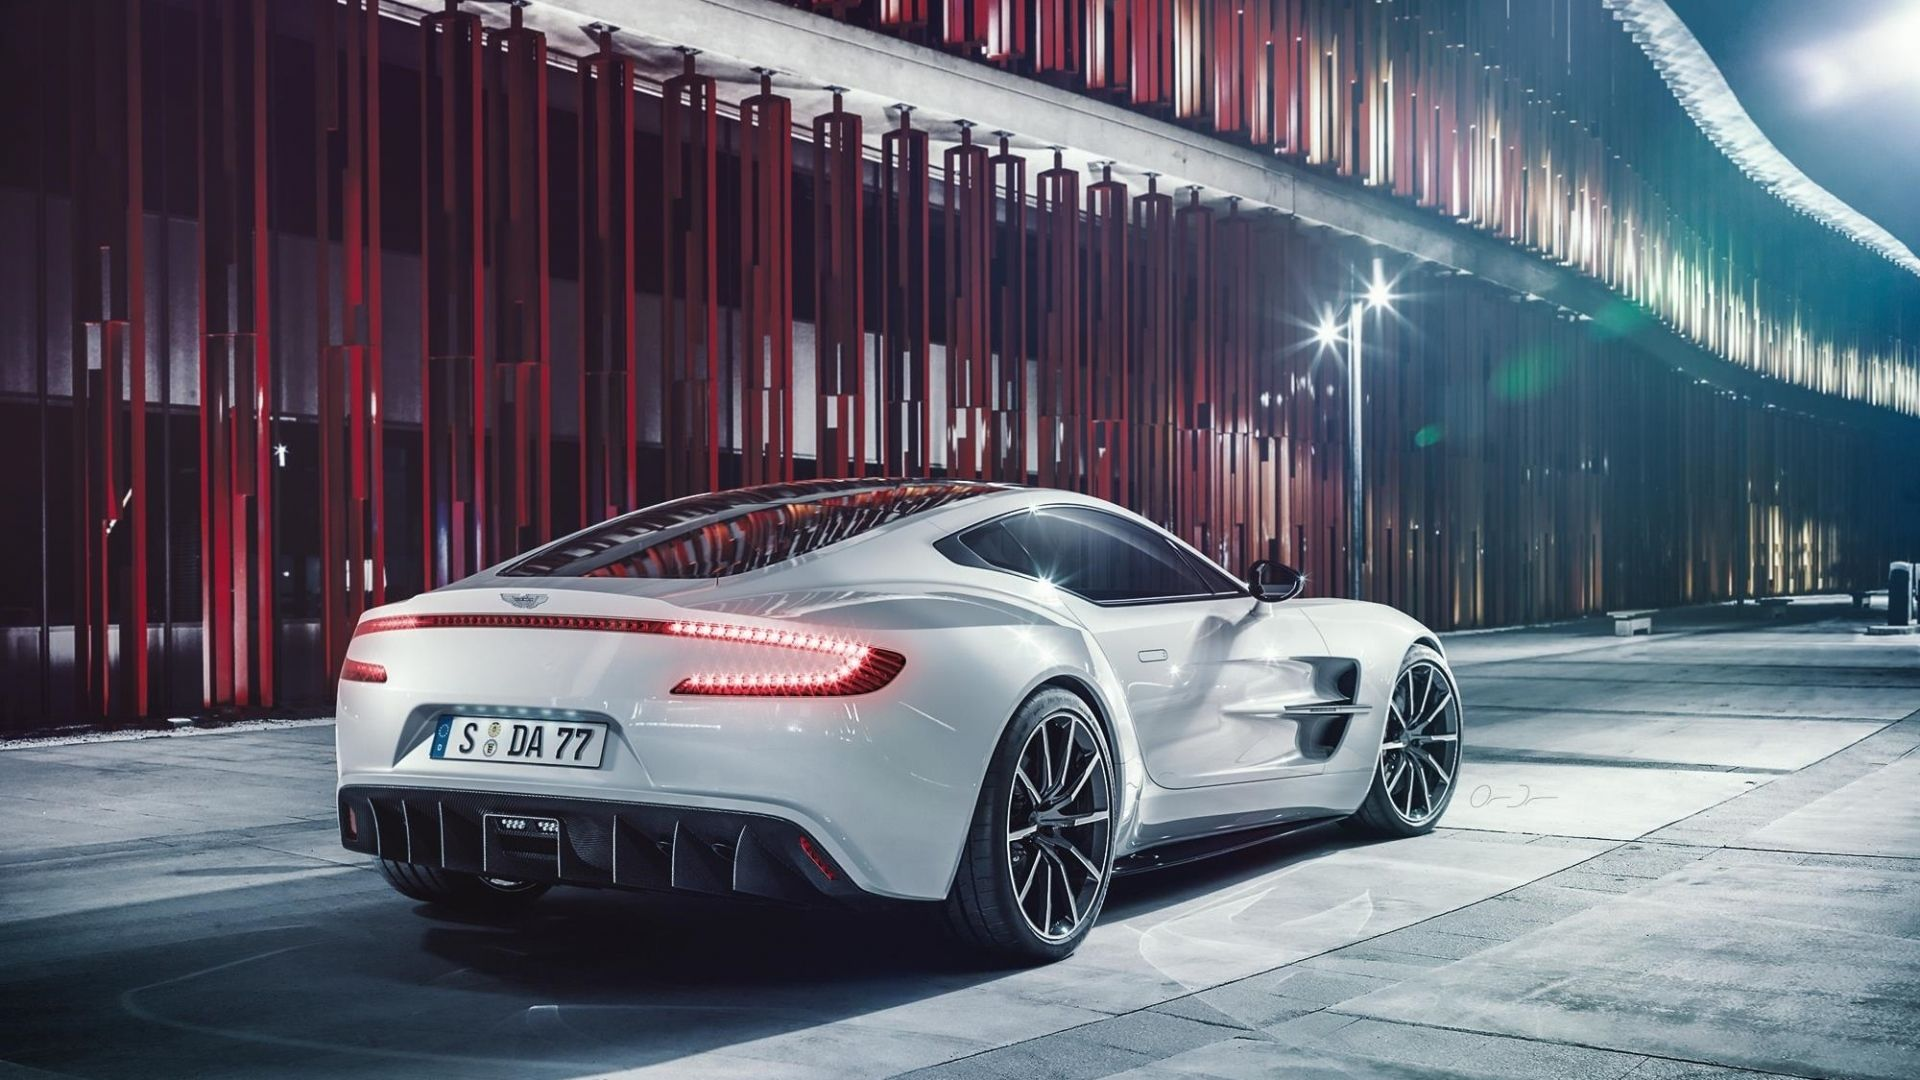 Aston Martin Wallpaper Lcx Aston Martin One 77 Aston Martin Aston Martin Cars